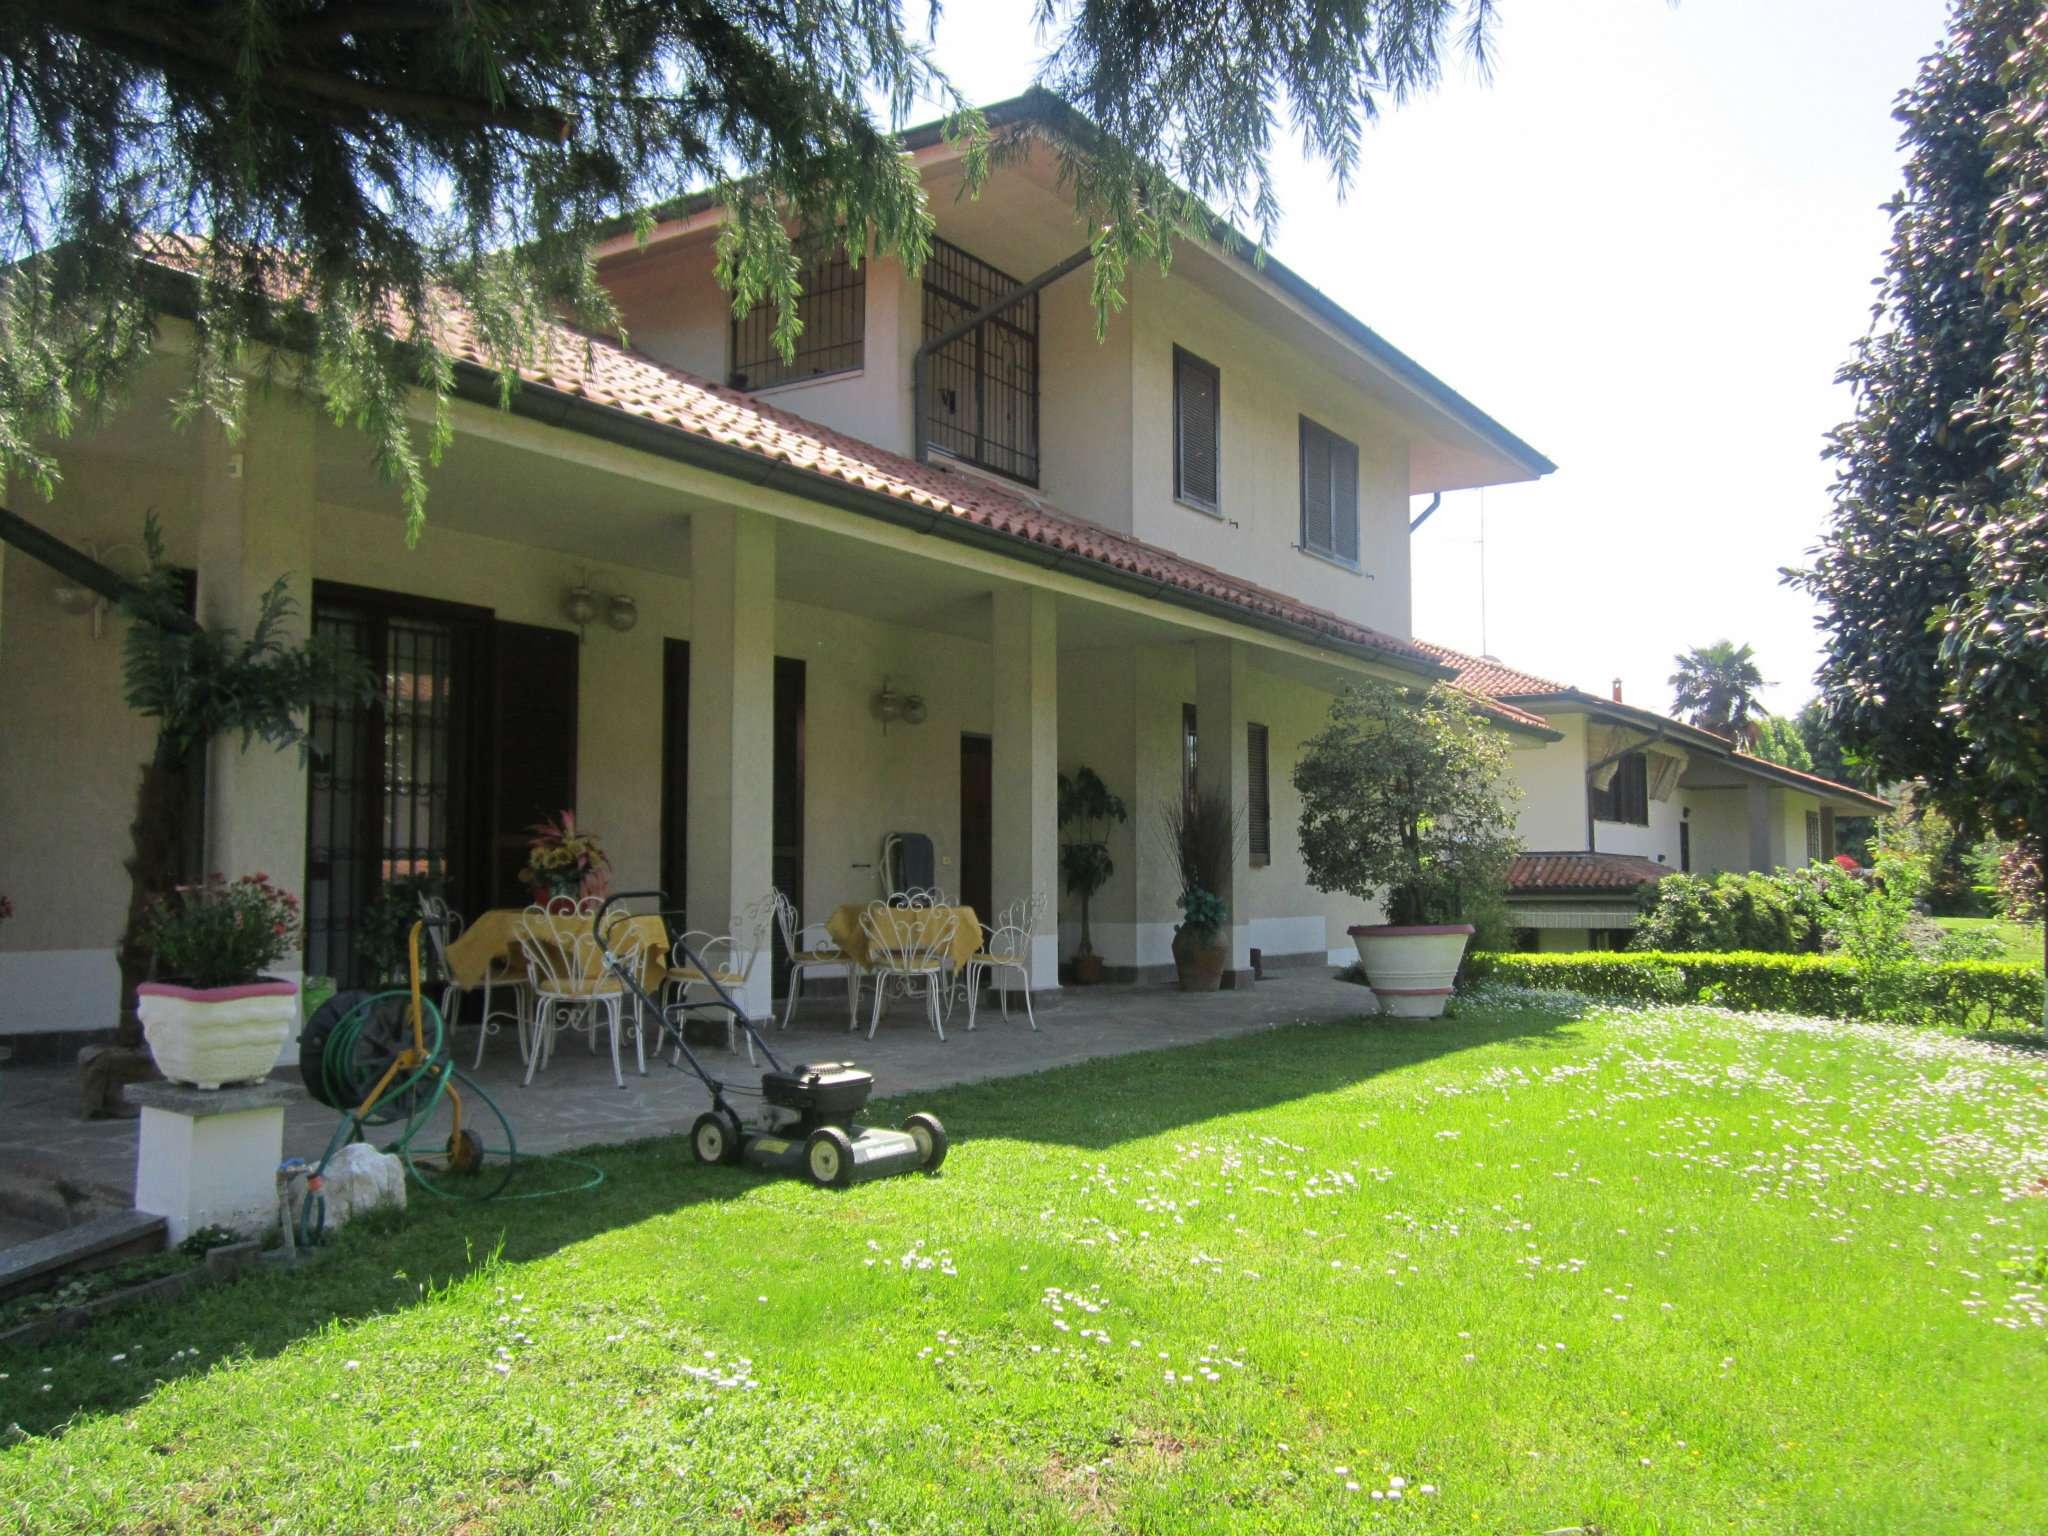 Villa in vendita a Peschiera Borromeo, 5 locali, prezzo € 650.000 | CambioCasa.it